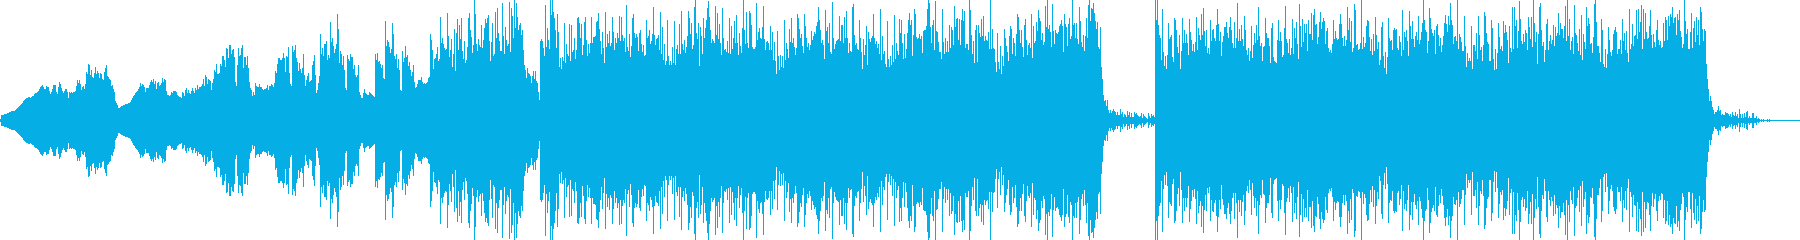 宇宙/科学ドキュメンタリー調近未来的音楽の再生済みの波形